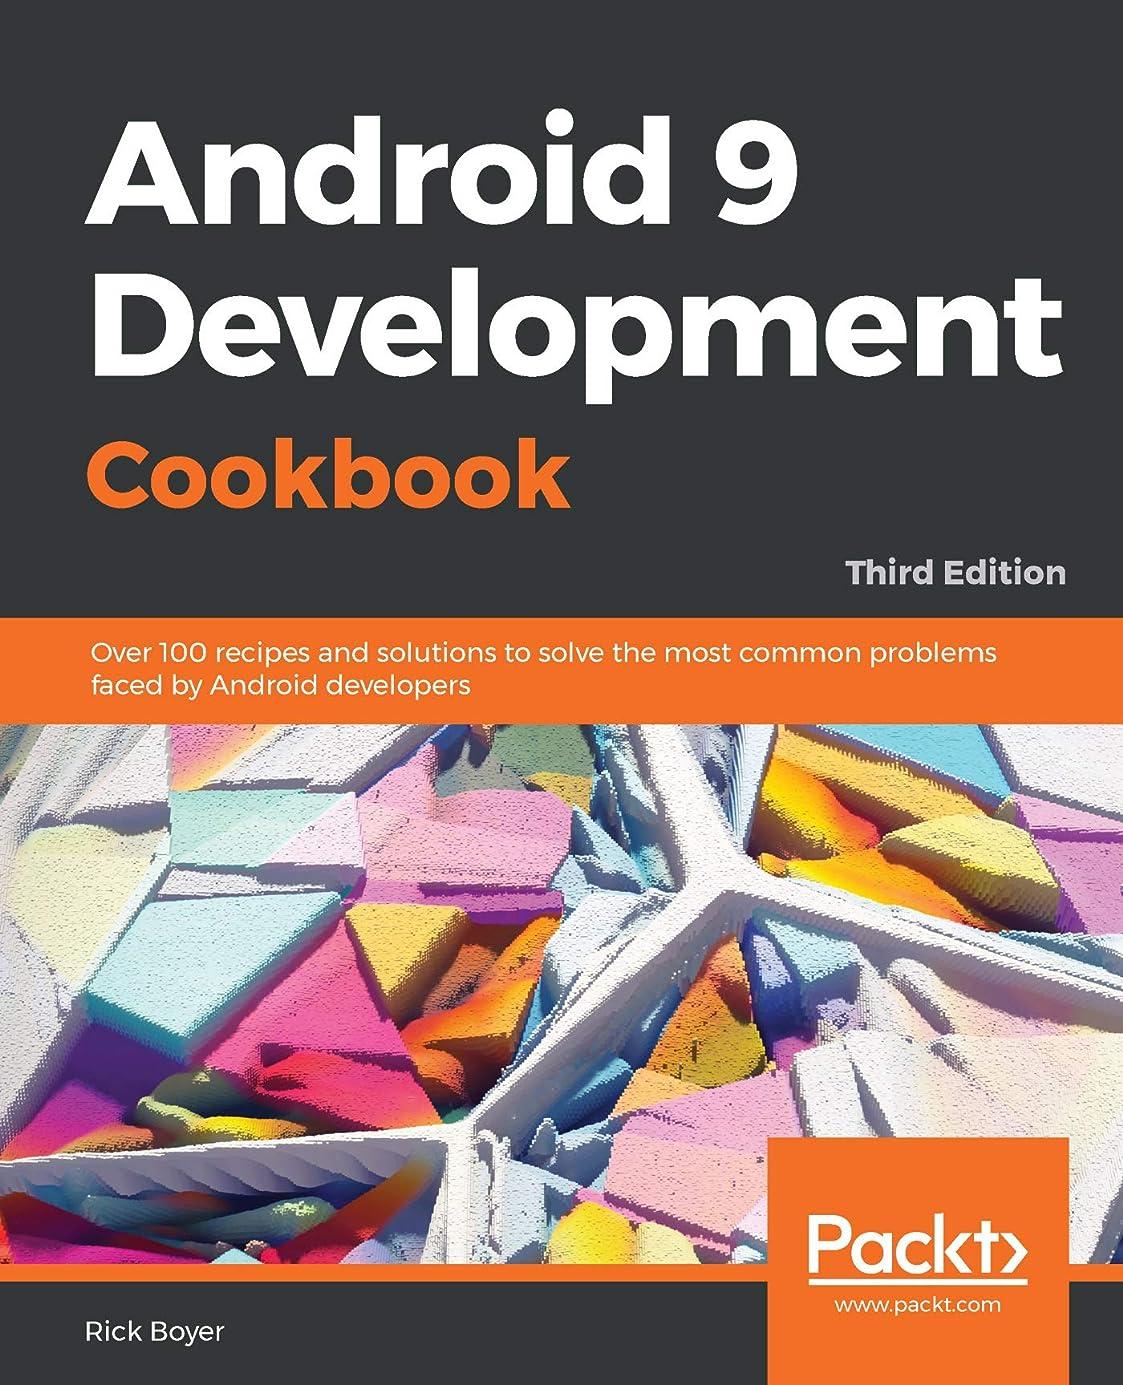 感謝祭したい参加するAndroid 9 Development Cookbook: Over 100 recipes and solutions to solve the most common problems faced by Android developers, 3rd Edition (English Edition)